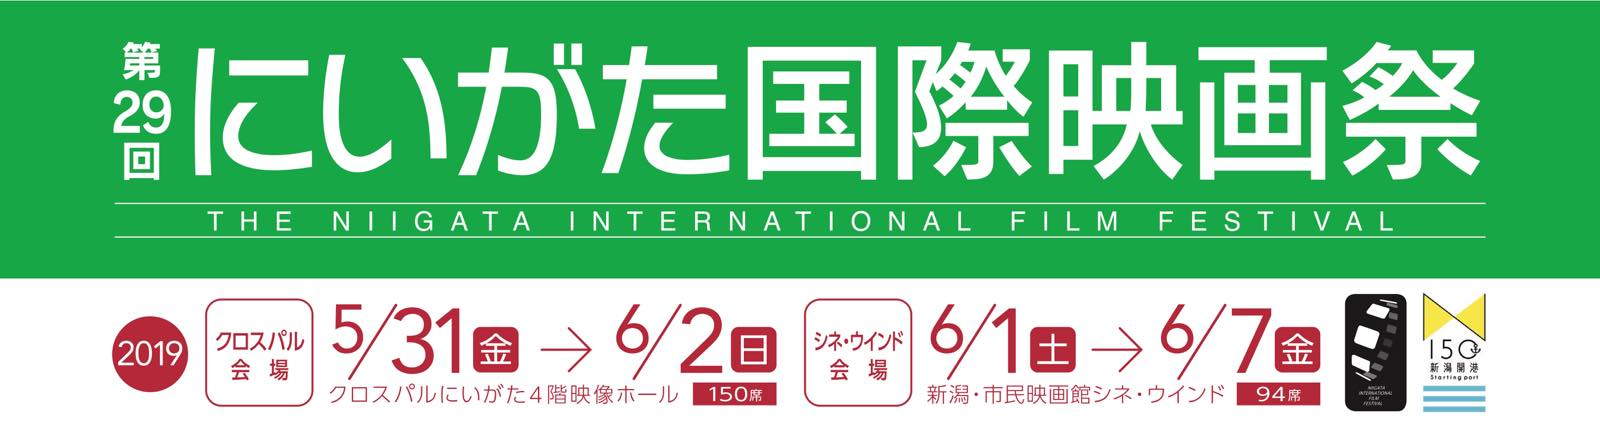 第29回にいがた国際映画祭公式サイト